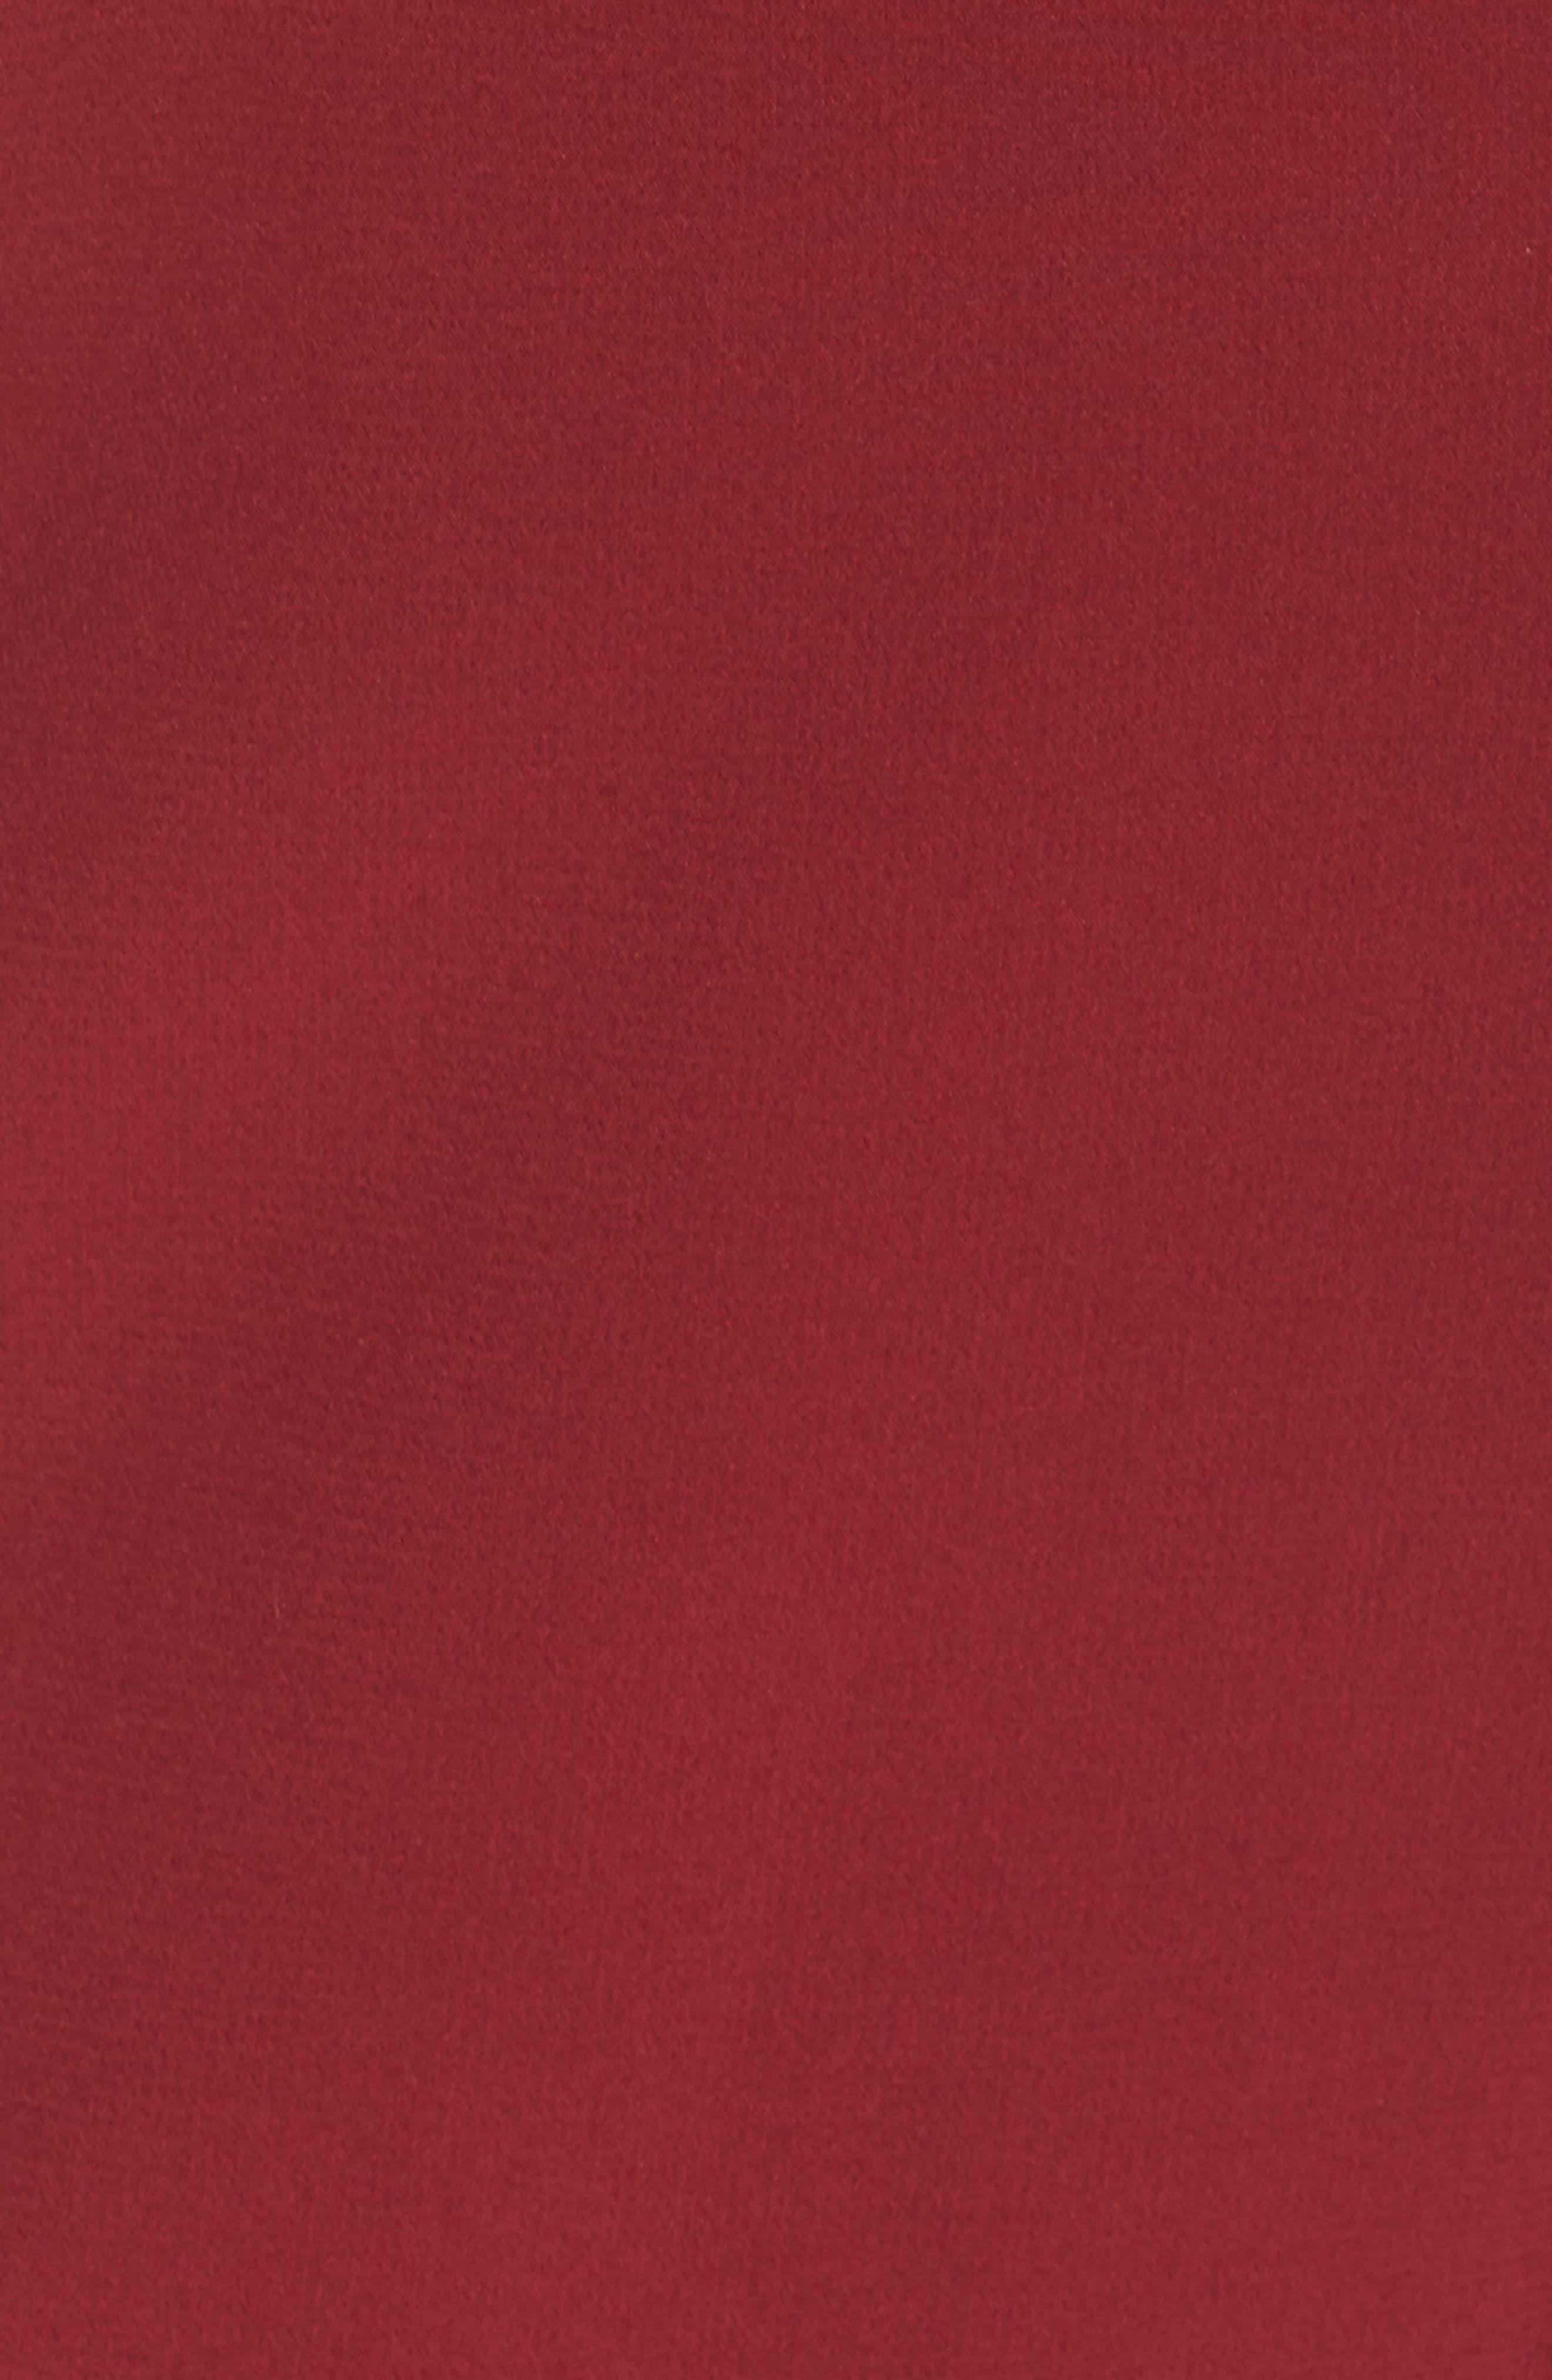 Denise Halter Jumpsuit,                             Alternate thumbnail 6, color,                             BULL RED